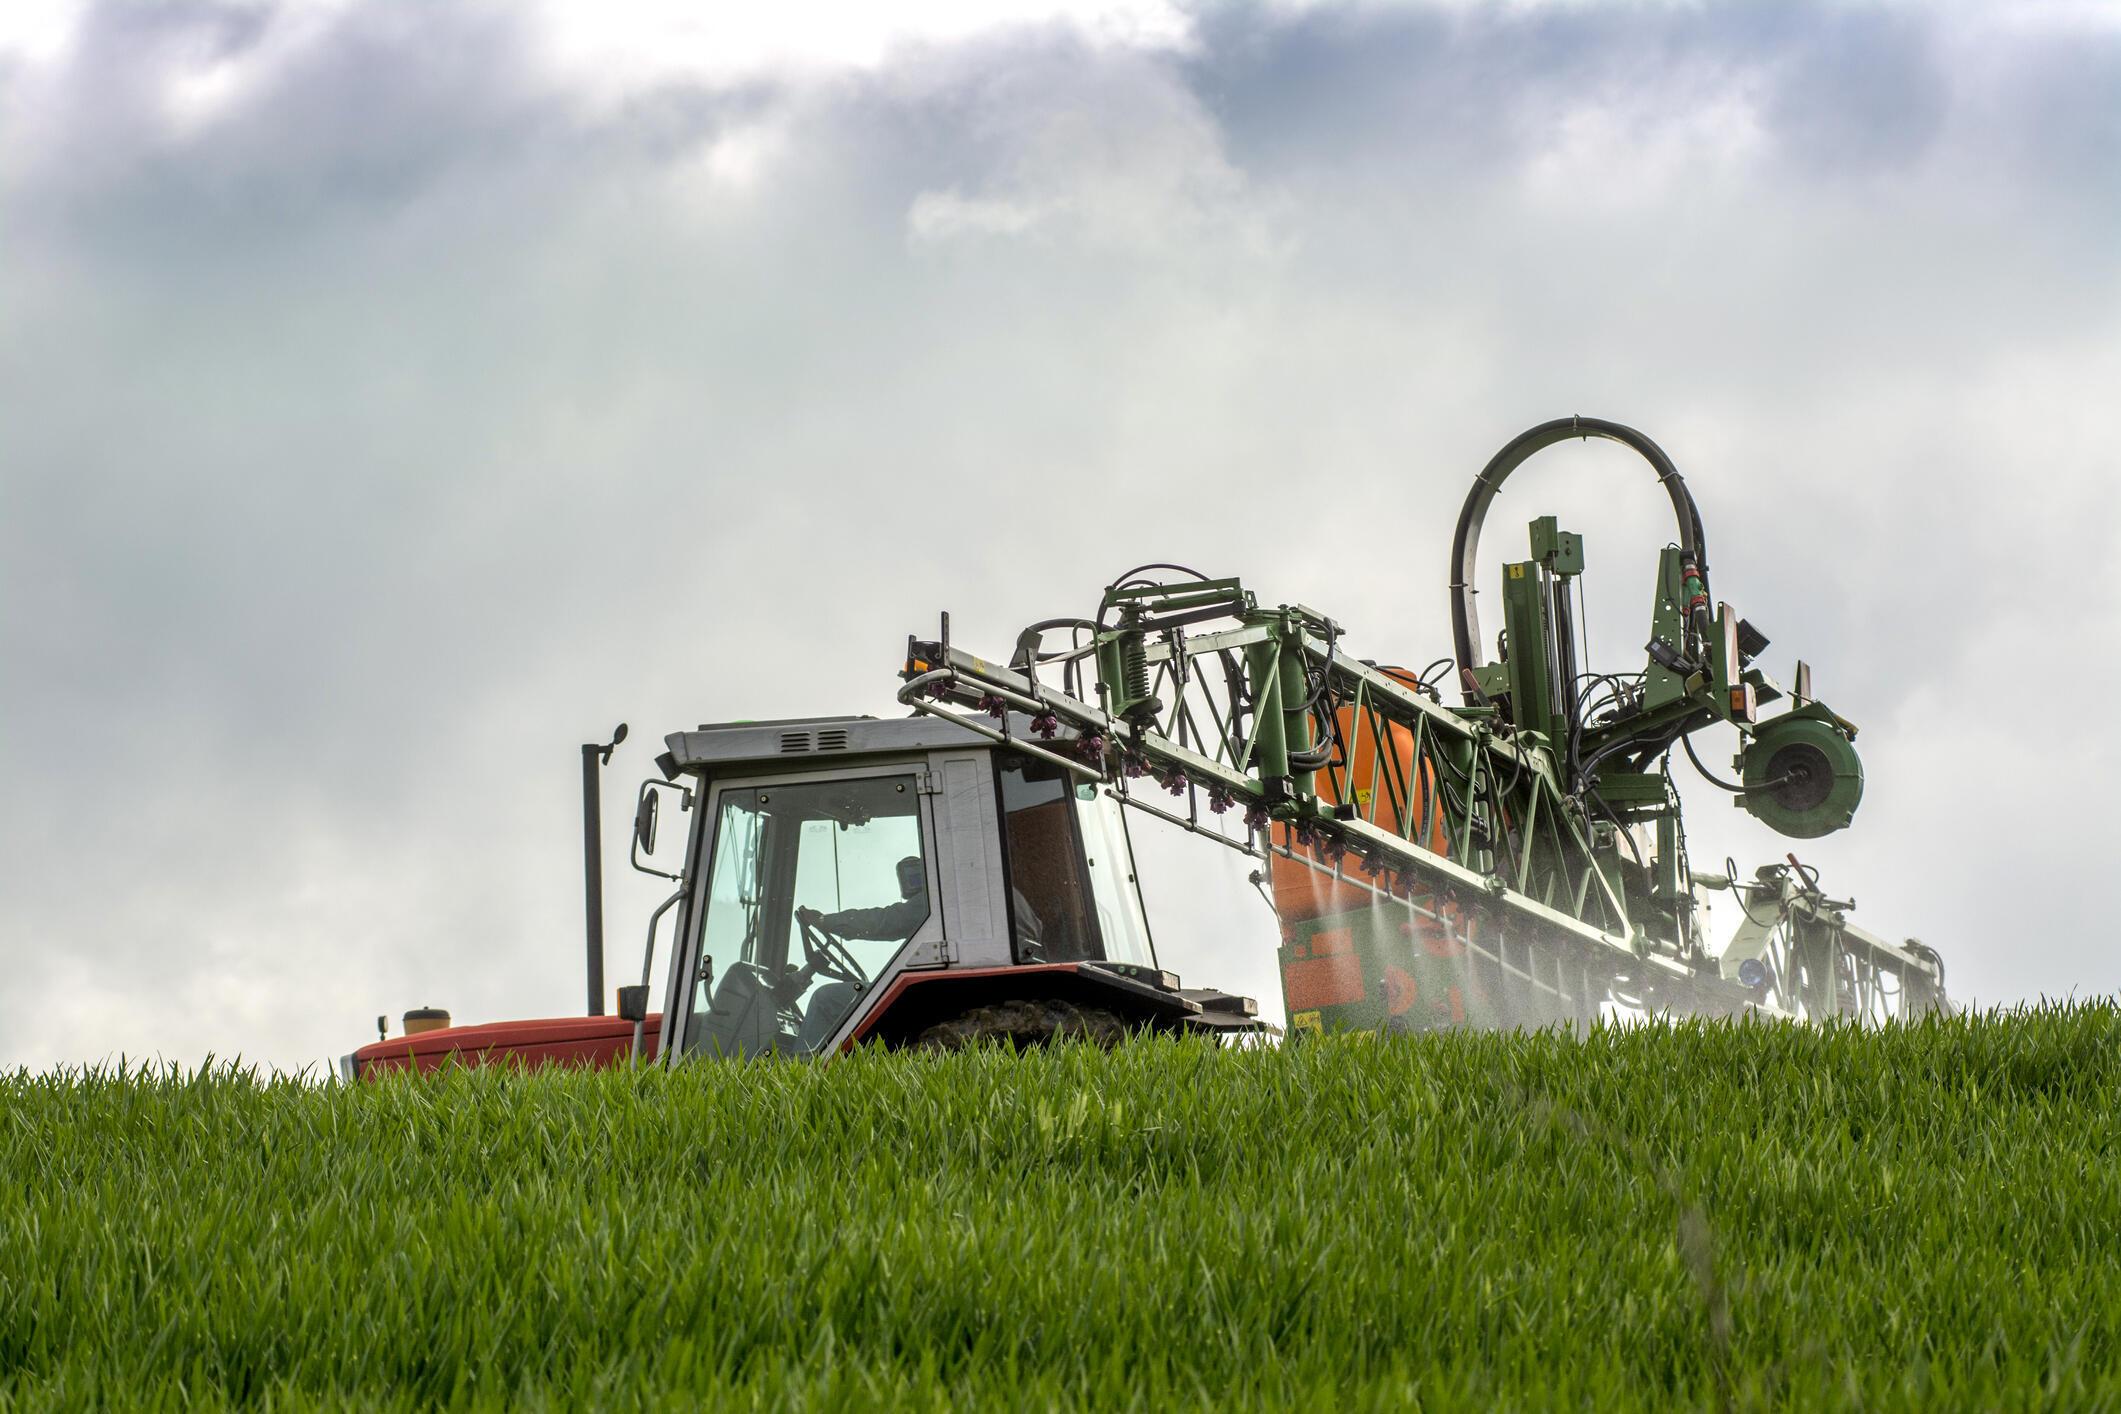 Un agriculteur français disperse de l'engrais sur son champ de blé.